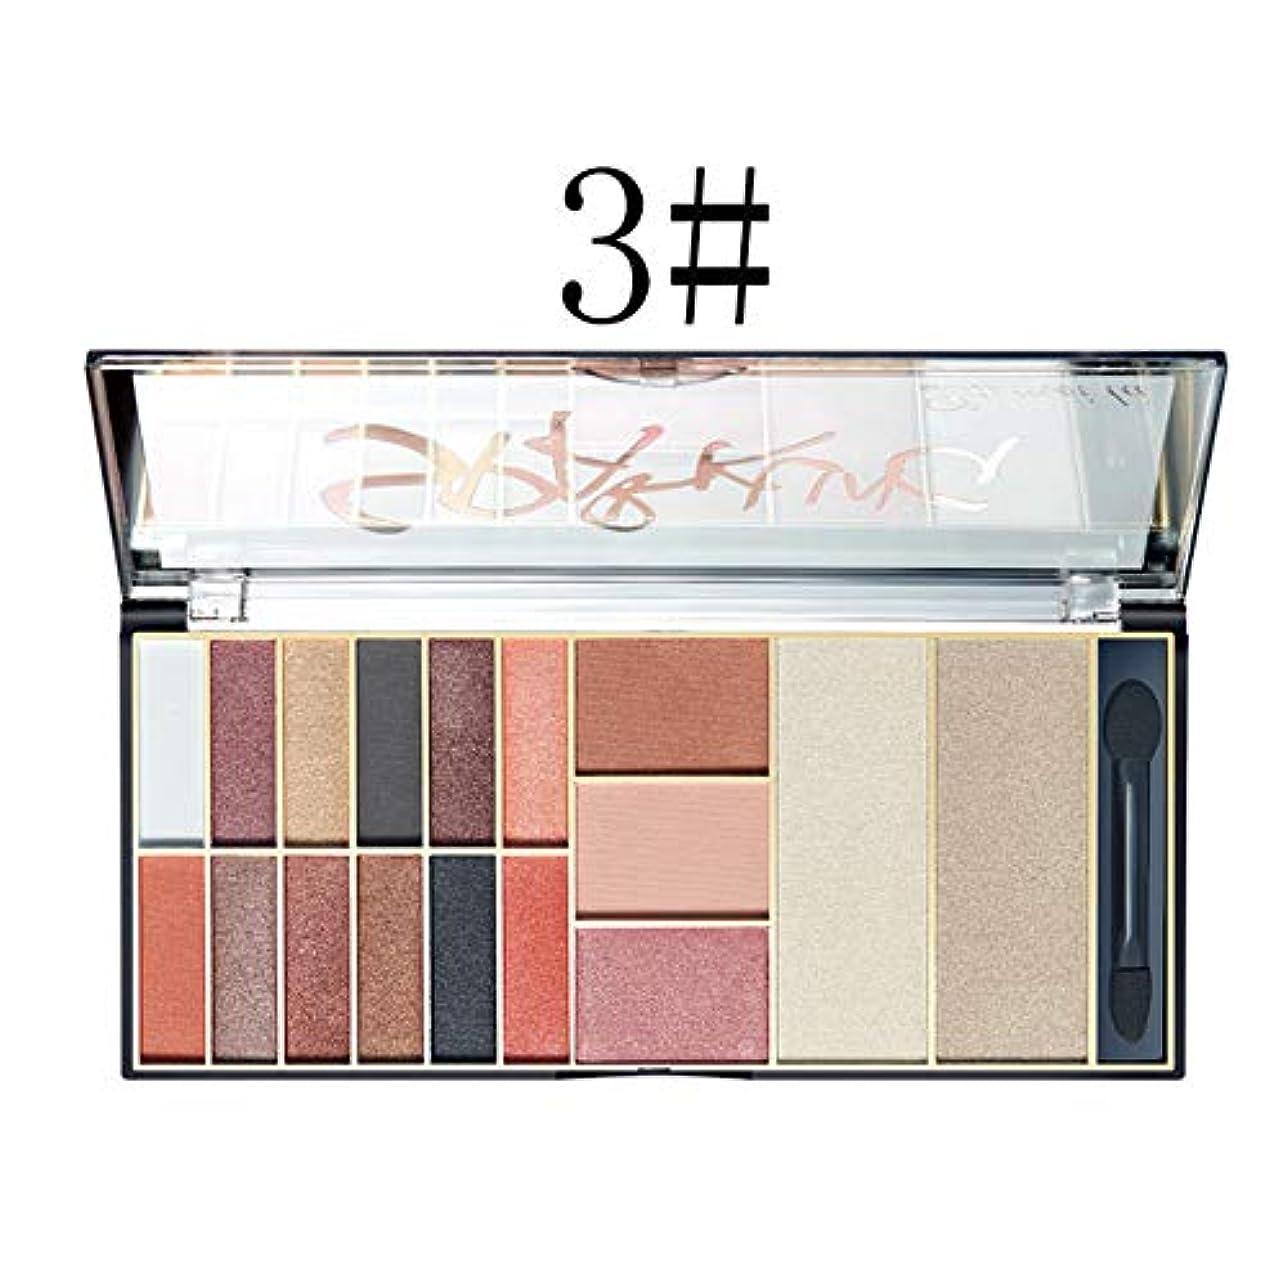 騒乱共同選択高尚なAkane アイシャドウパレット SPARKUNG ファッション 魅力的 スモーキー プロ 高級 自然 美しい 防水 素敵 綺麗 持ち便利 日常 Eye Shadow (17色) 5011